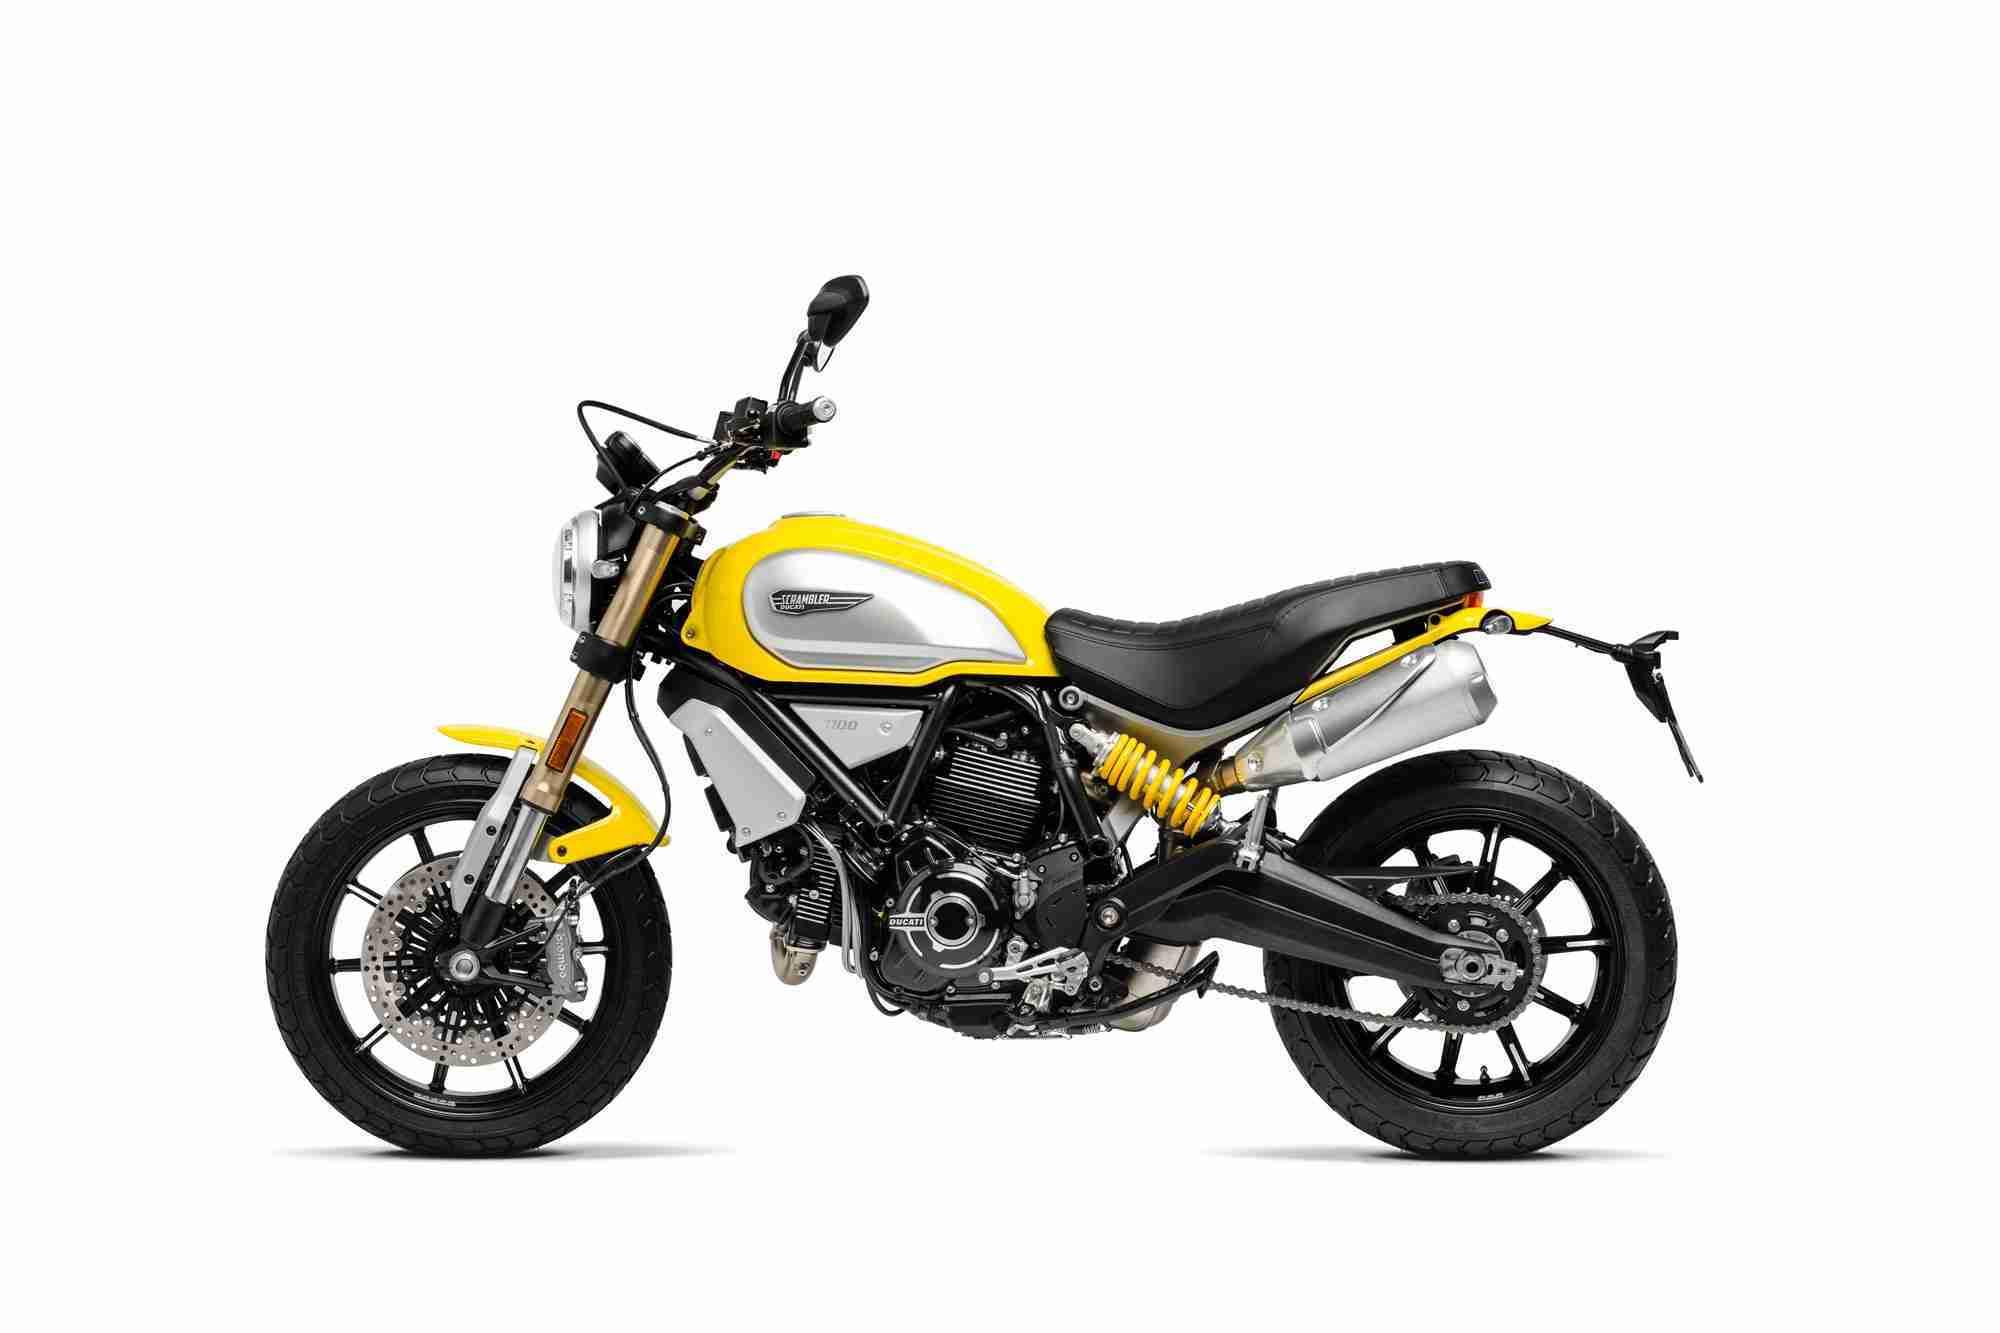 Ducati Scrambler 1100 images